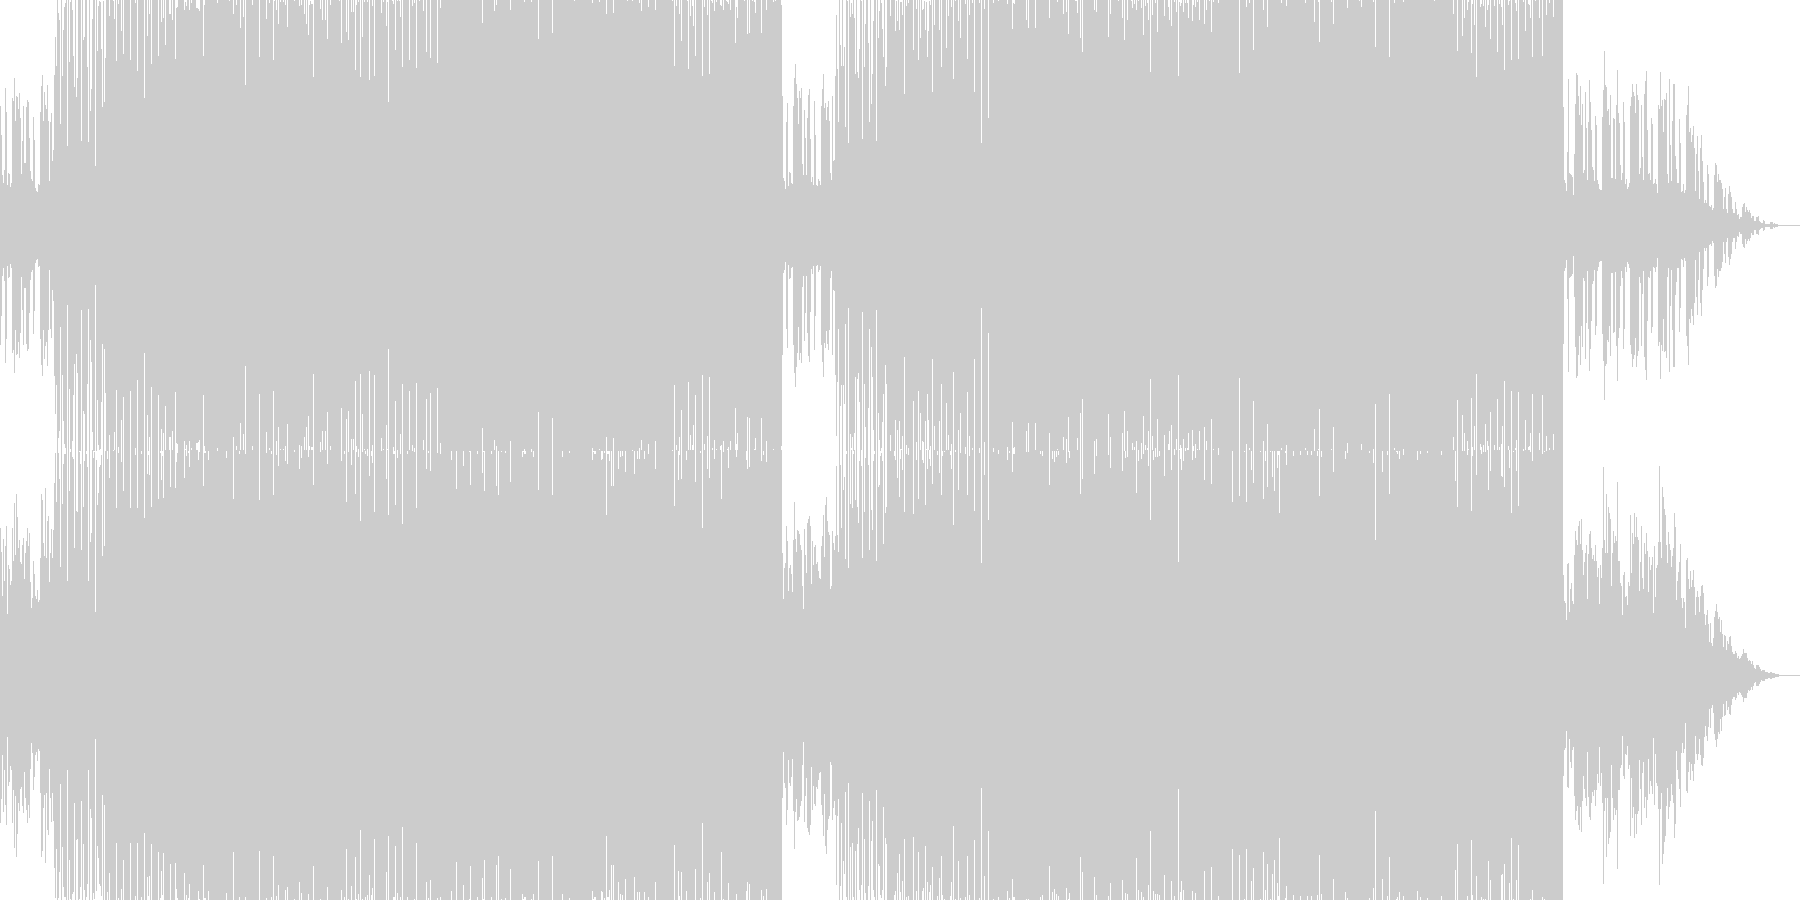 メロディーが美しいトランスの未再生の波形